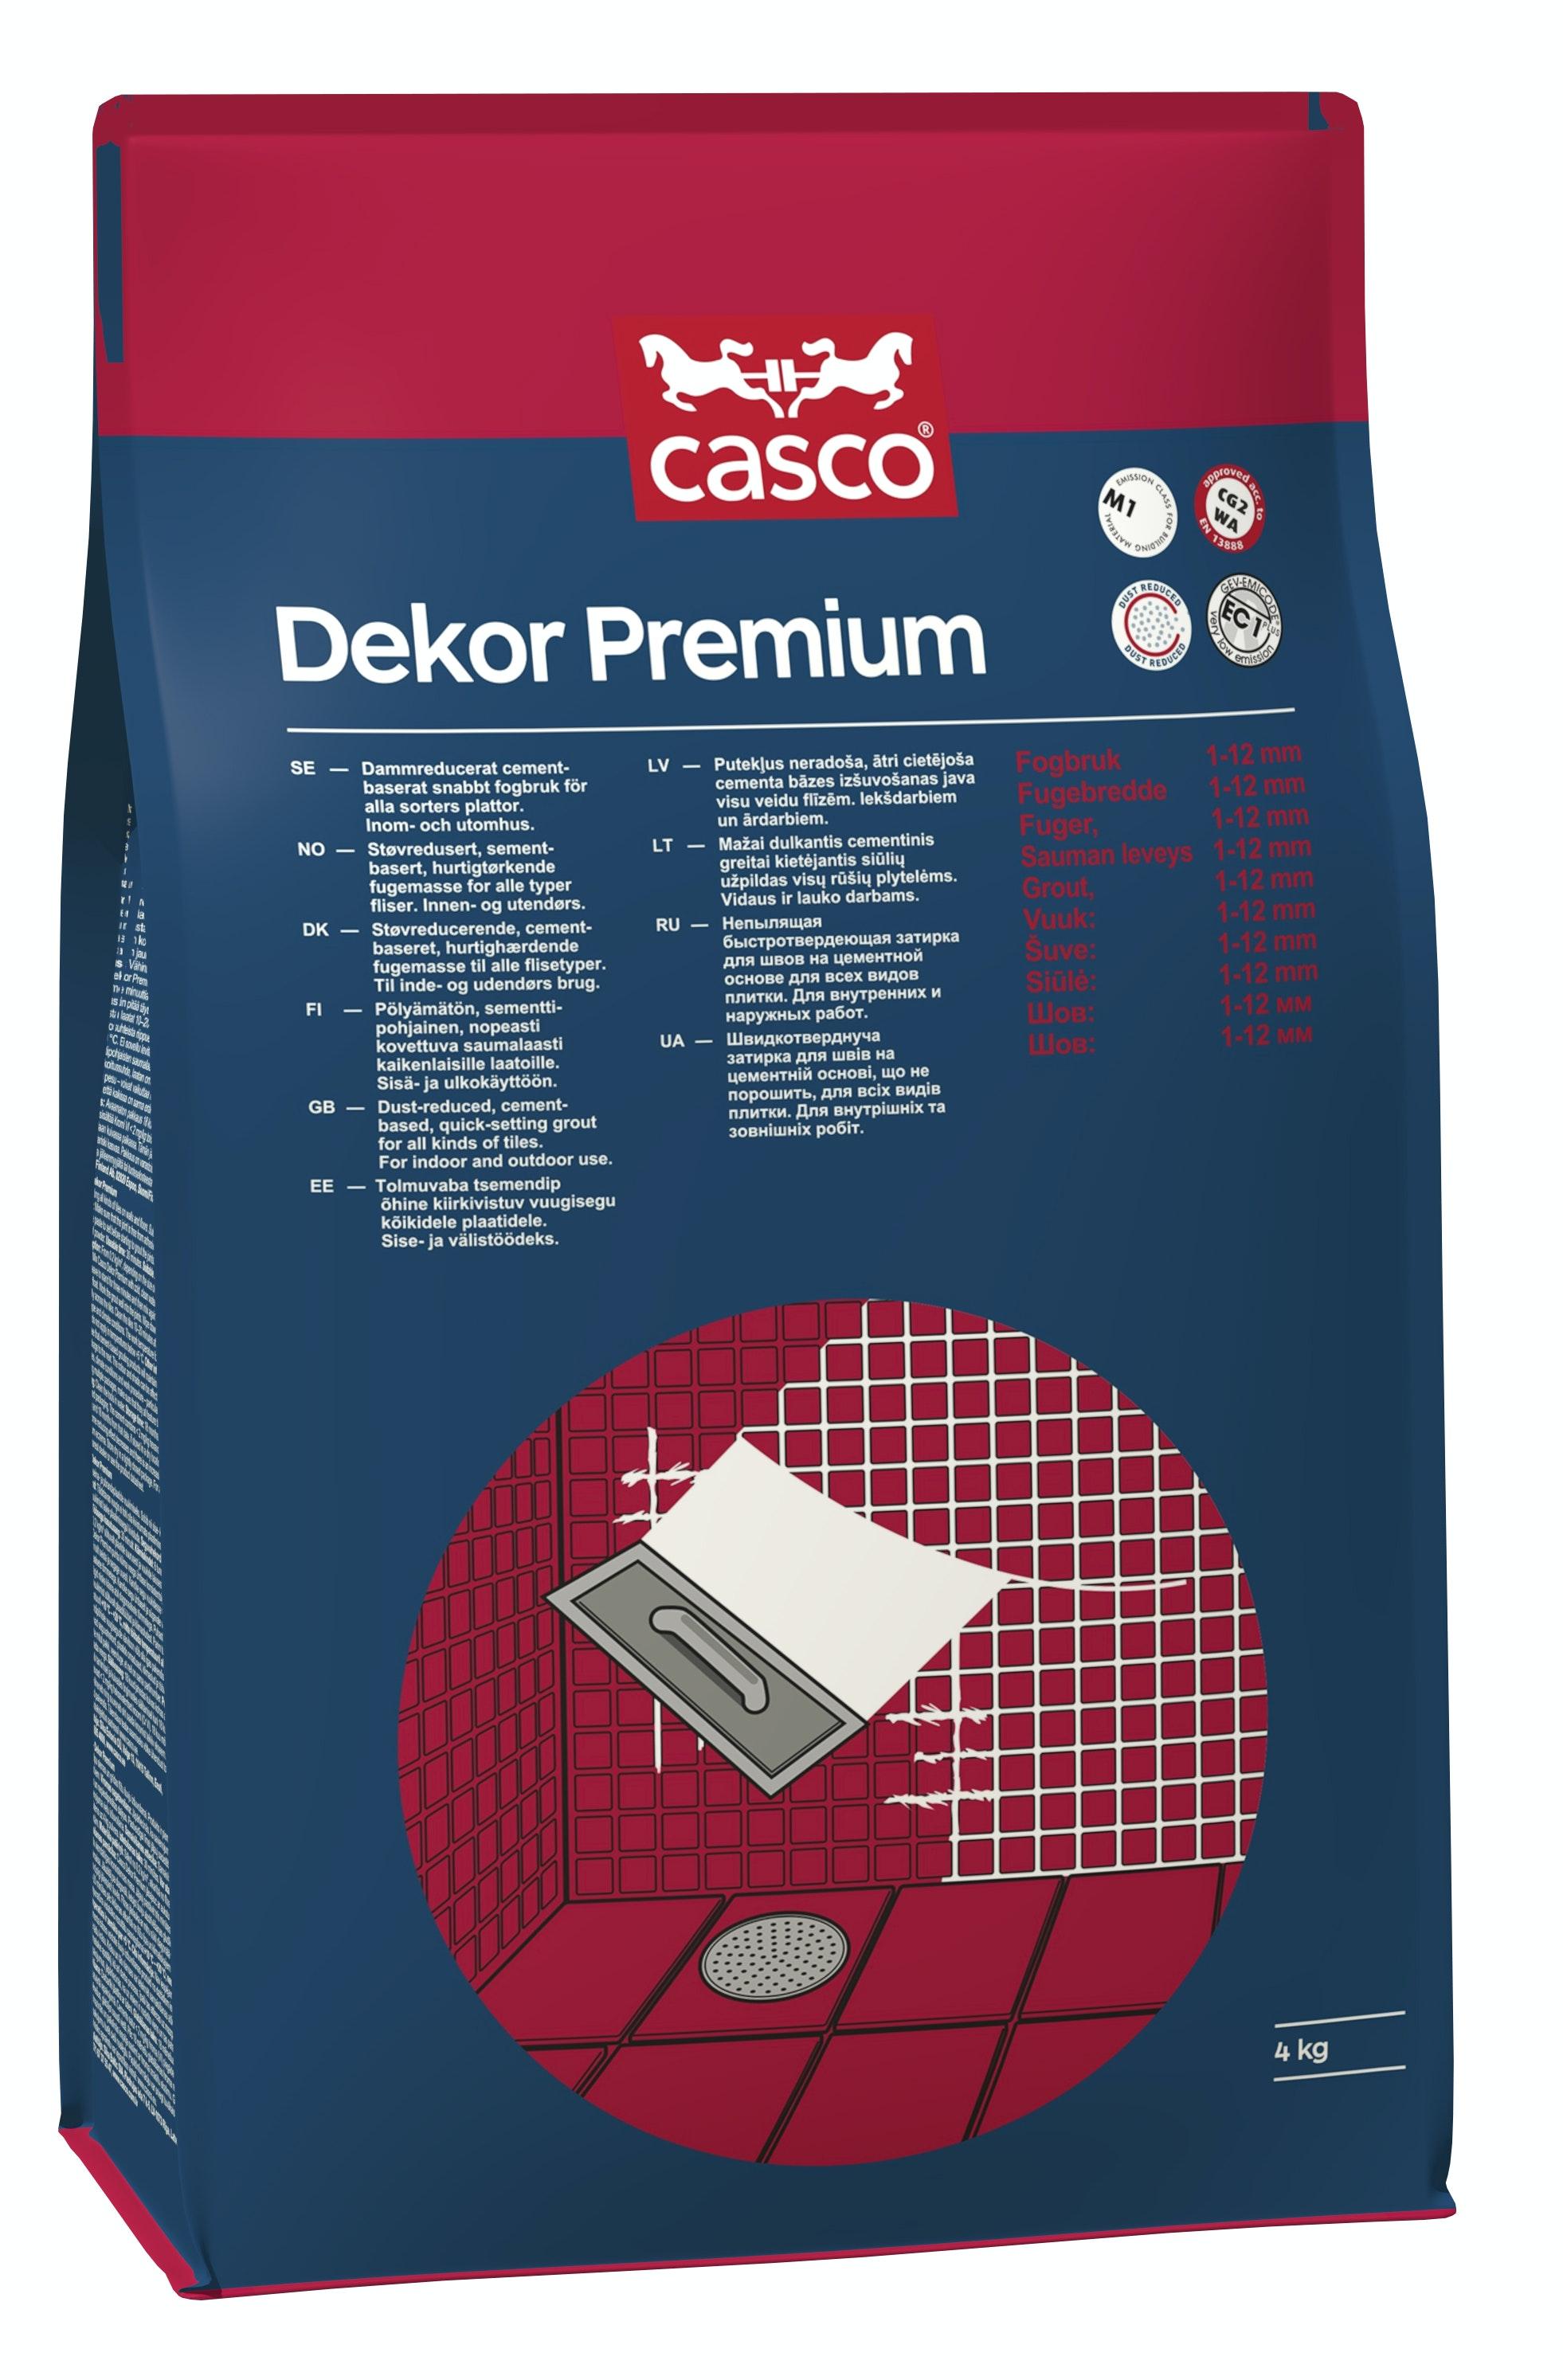 Fogmassa Casco Dekor Premium Ljusgrå/Silver 4kg